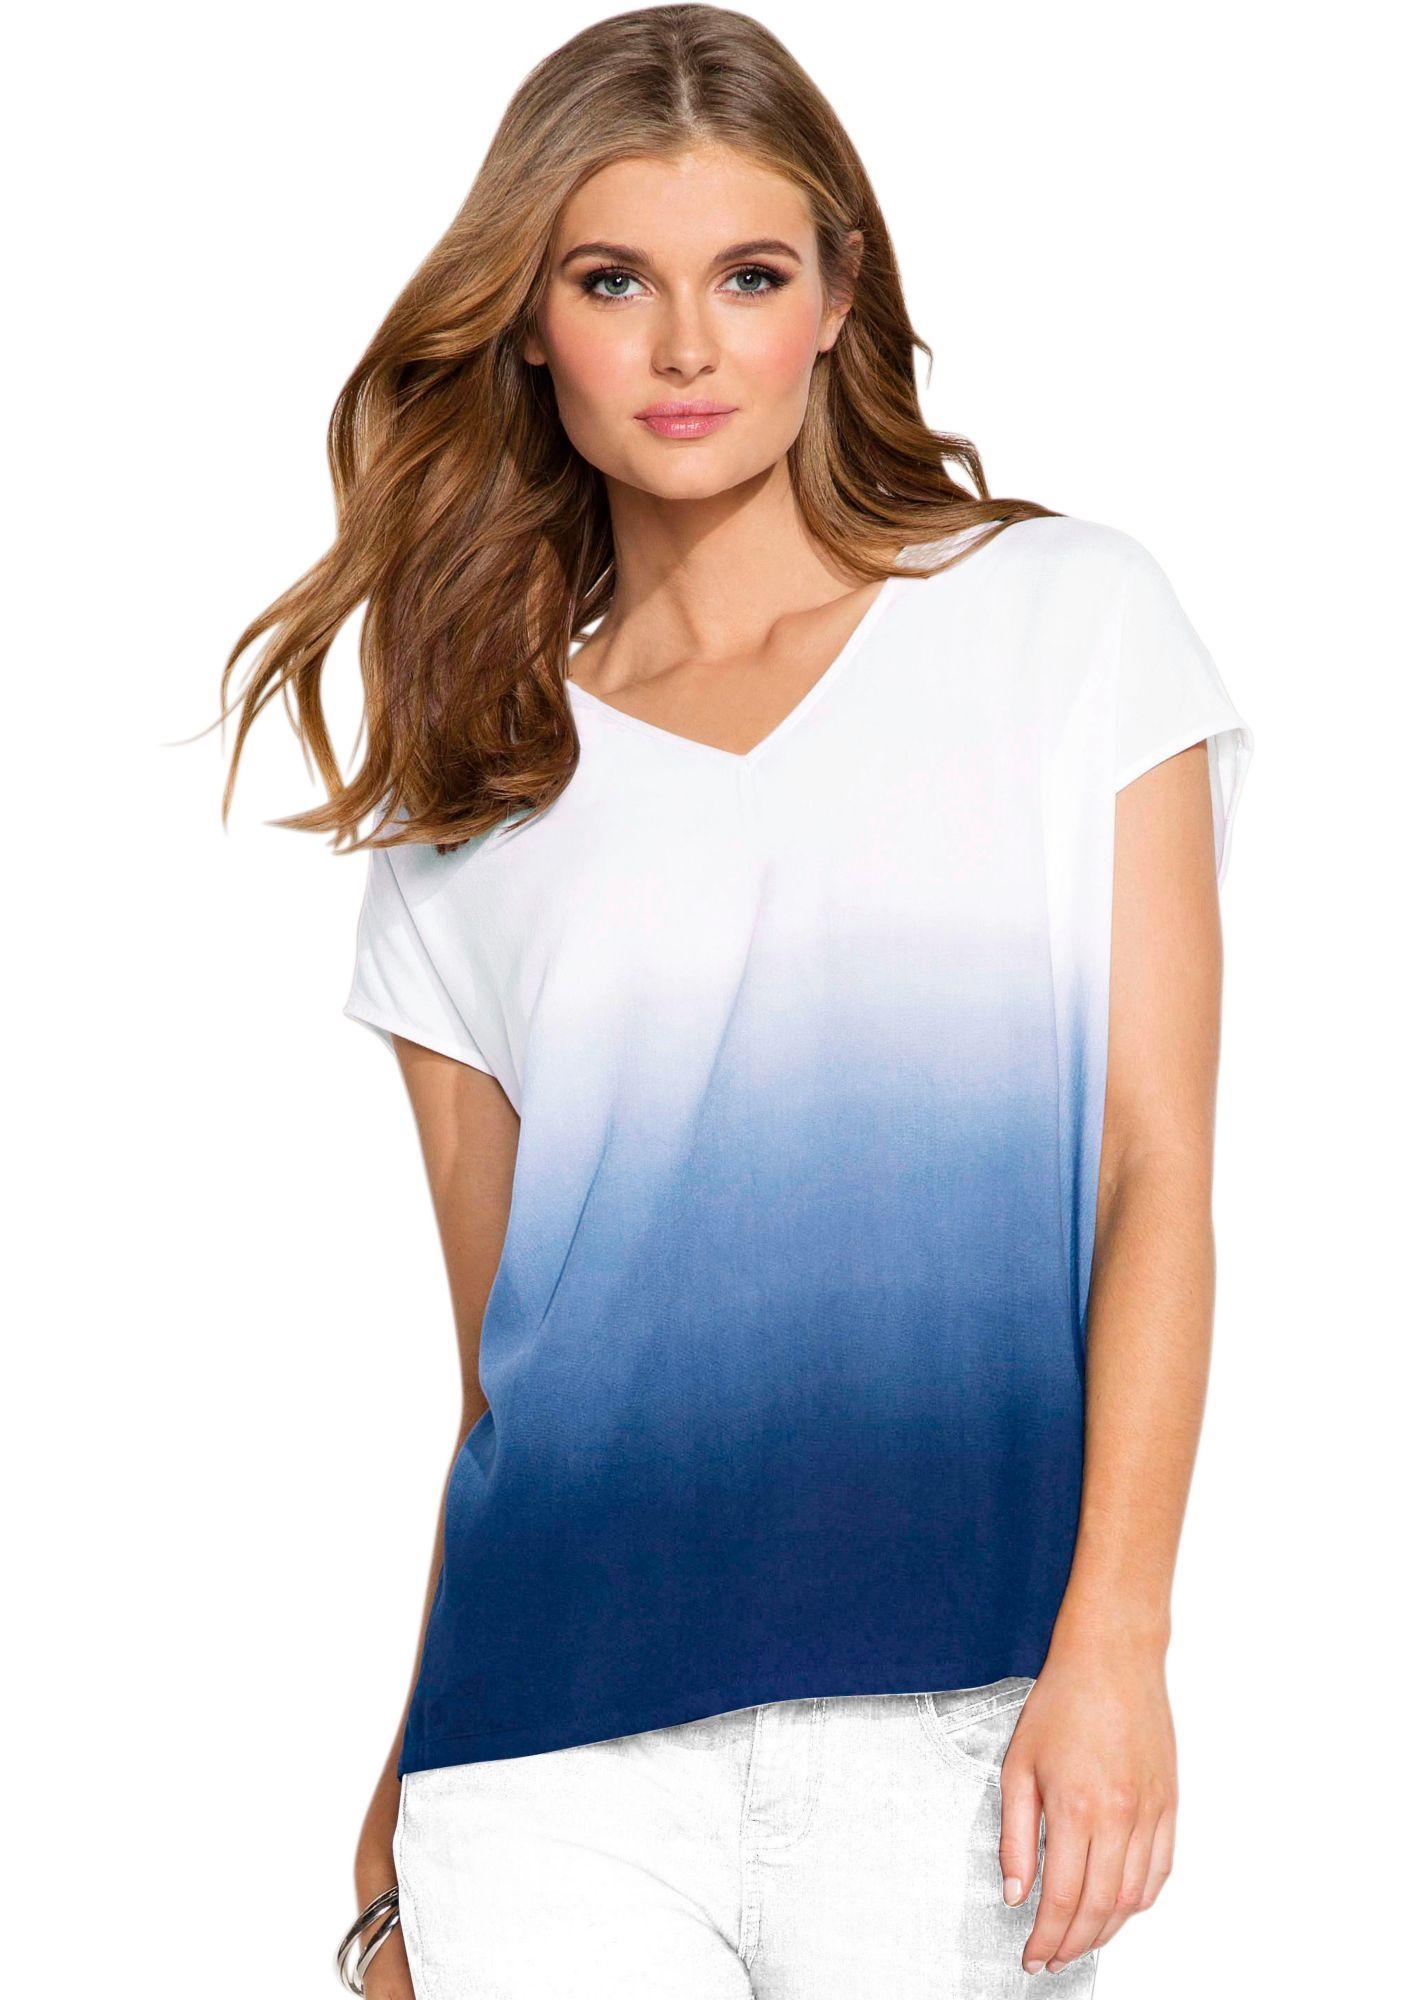 CLASSIC INSPIRATIONEN Classic Inspirationen Bluse in in »dip dyed«-Optik